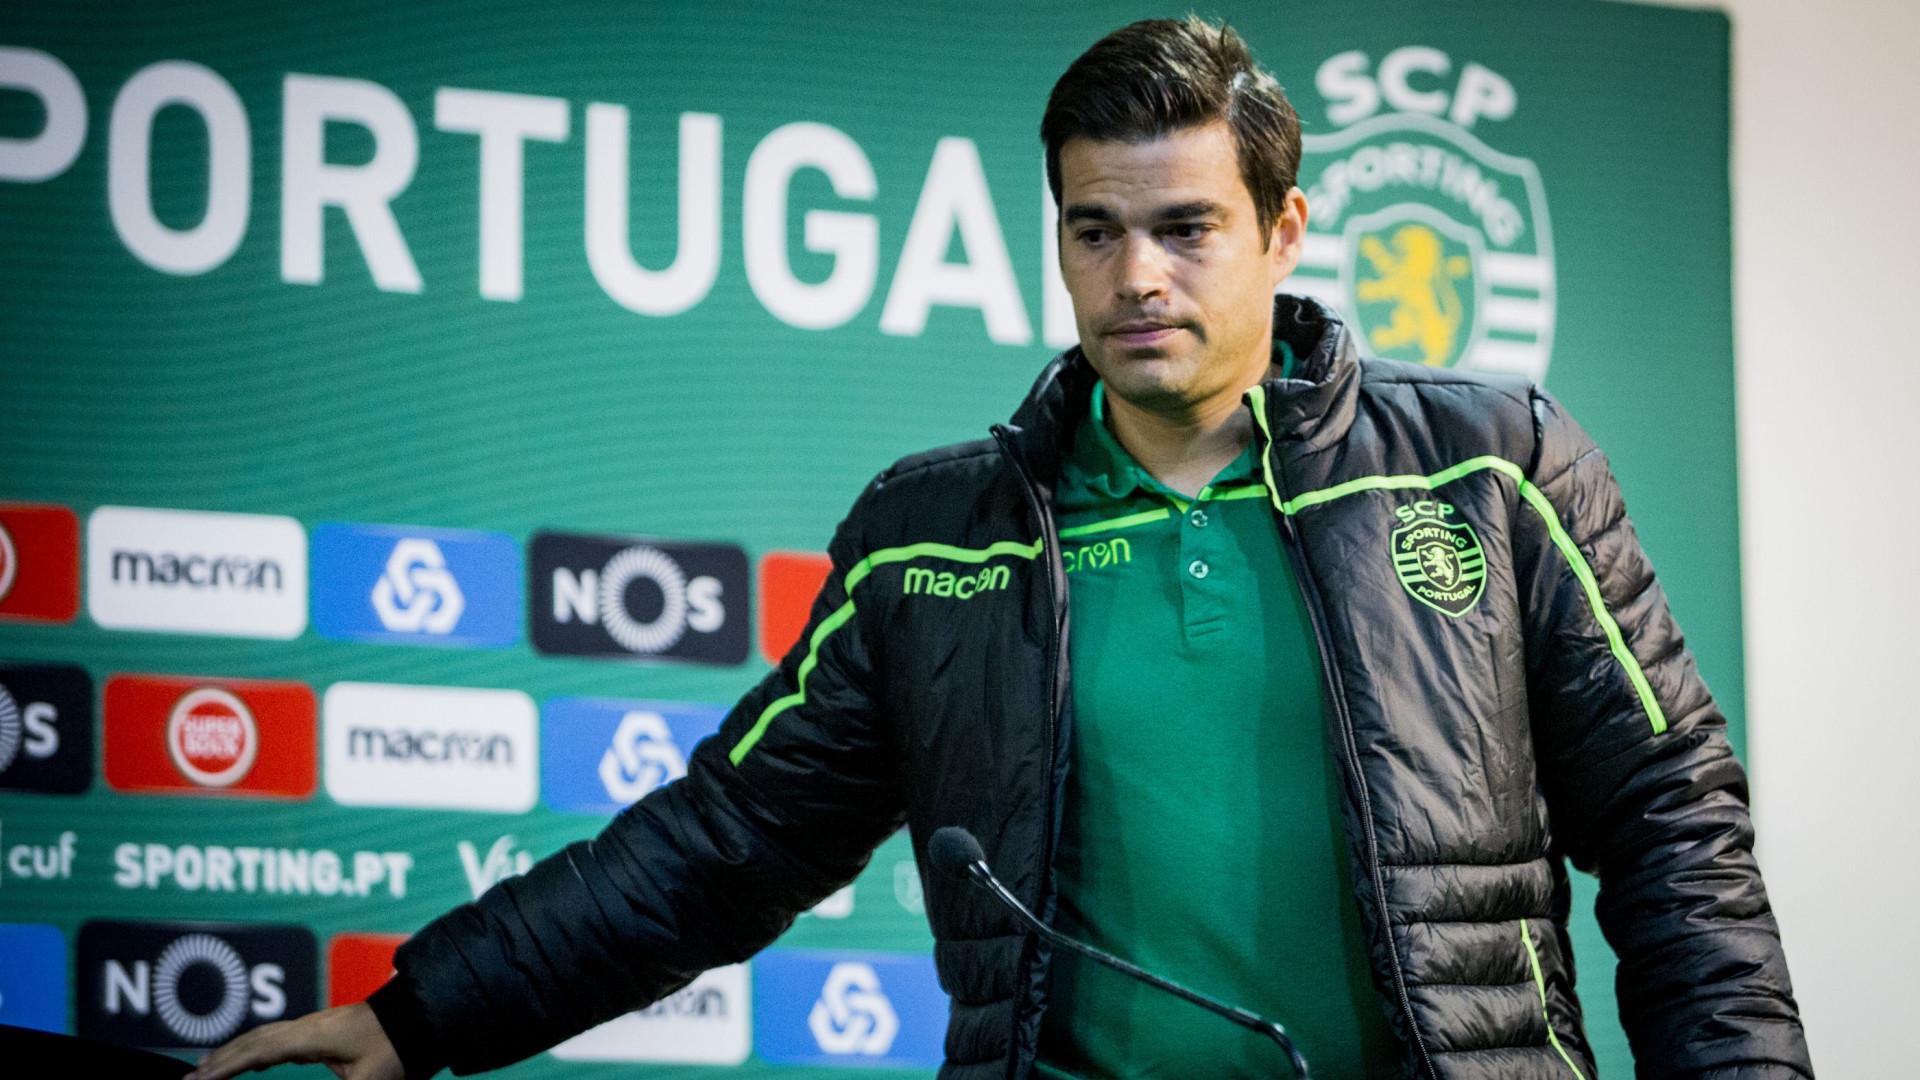 """Tiago Fernandes e o futuro: """"Não tenho definida a minha situação"""""""